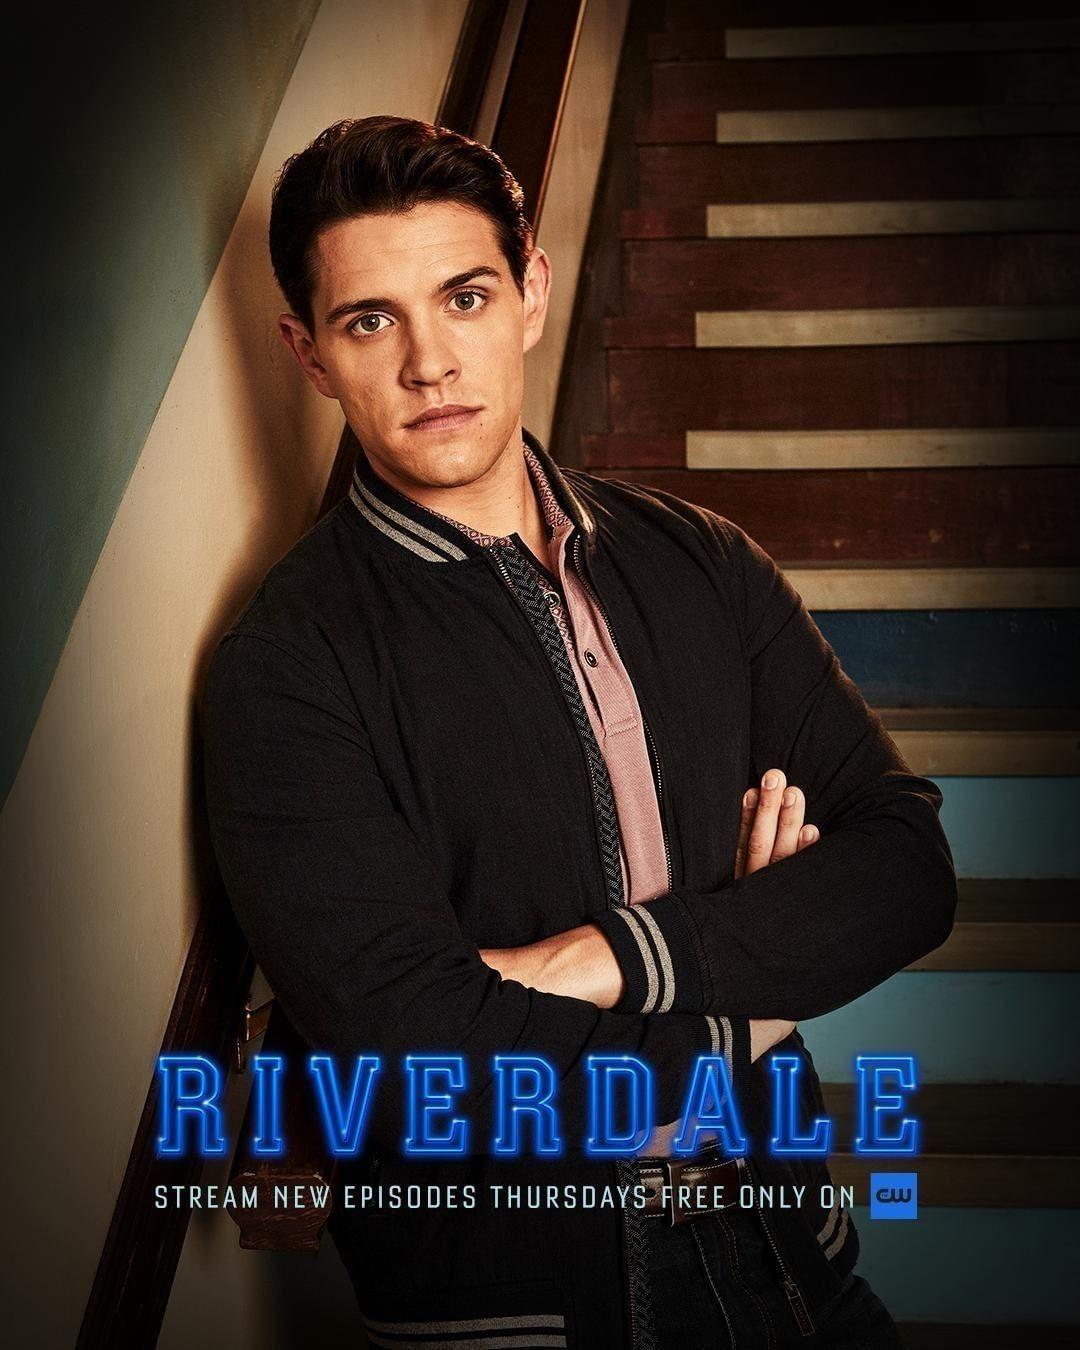 Riverdale Kevin Keller S4 Riverdale Peliculas De Romance Chicos Famosos